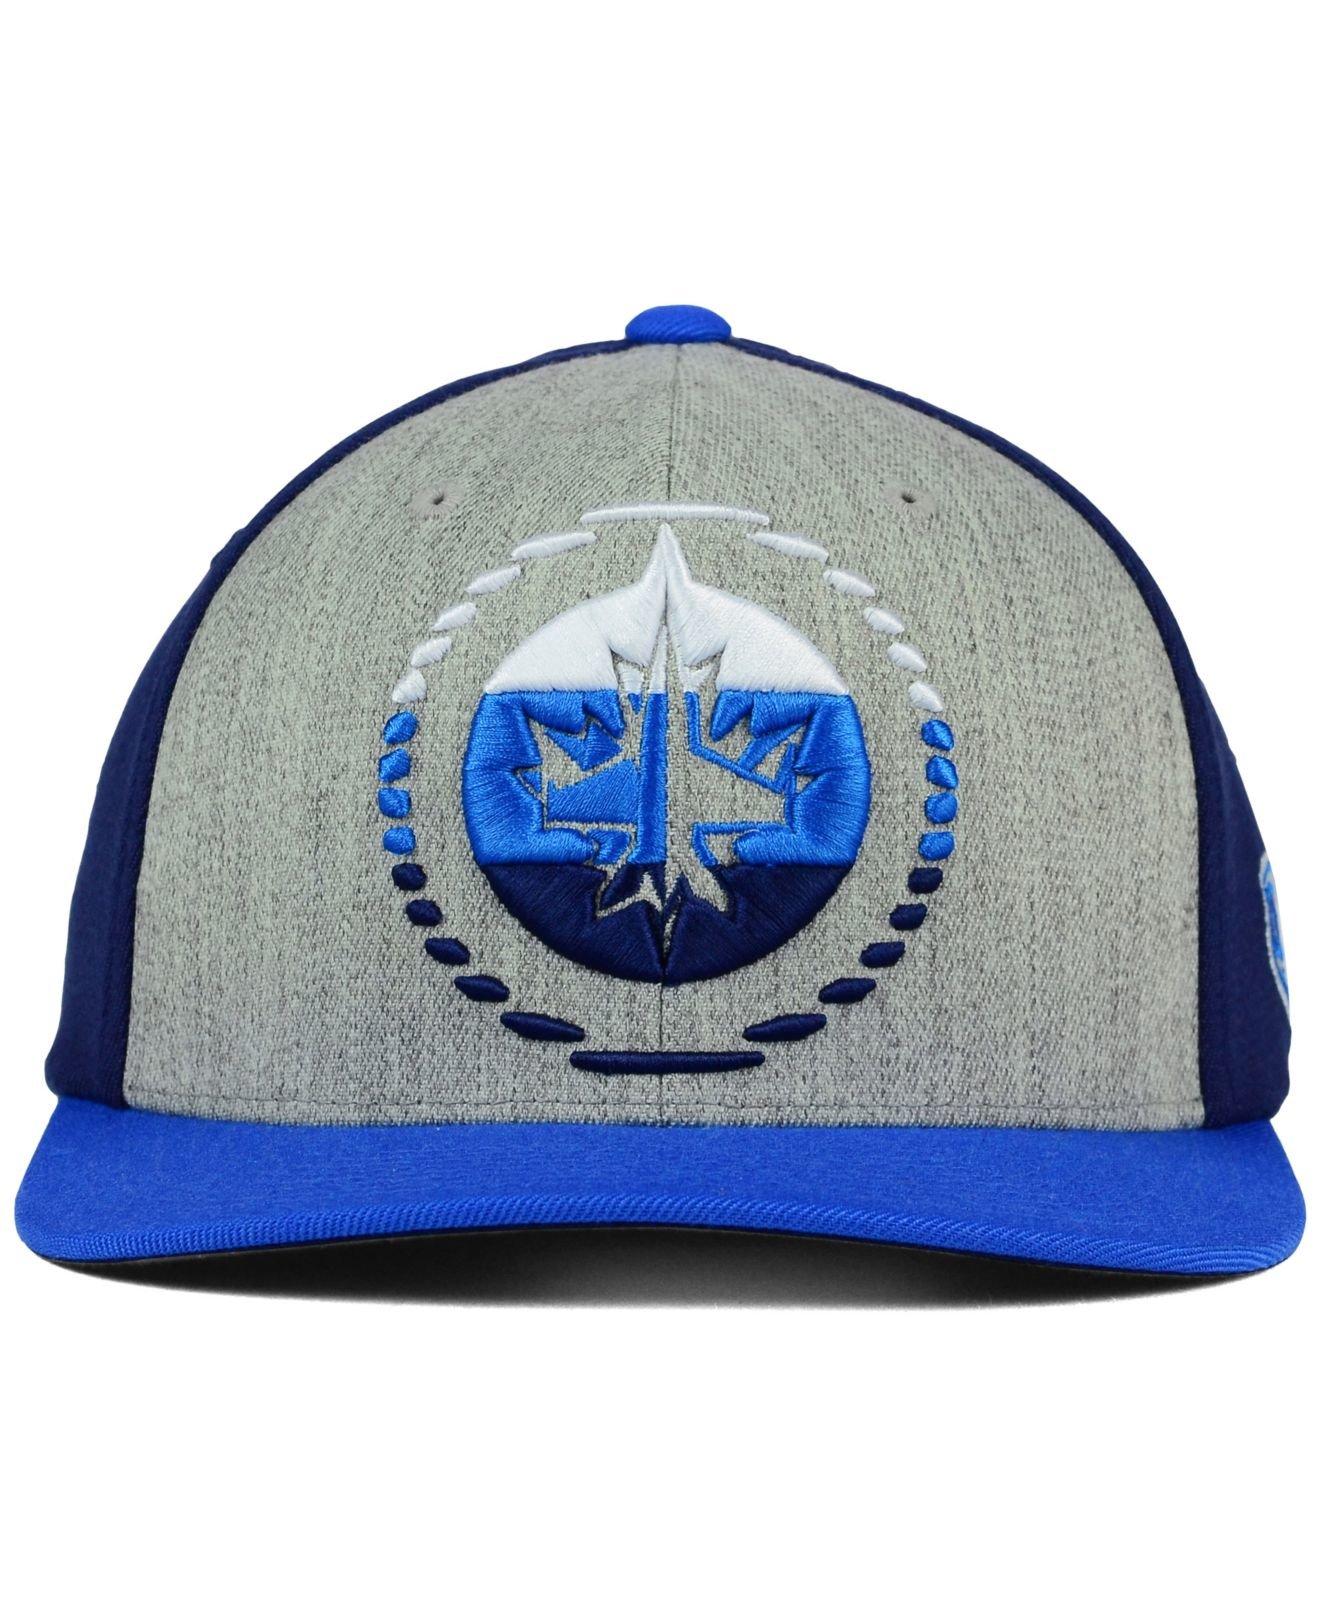 low priced 25952 fd010 spain lyst old time hockey winnipeg jets win streak flex cap in gray for men  edbab